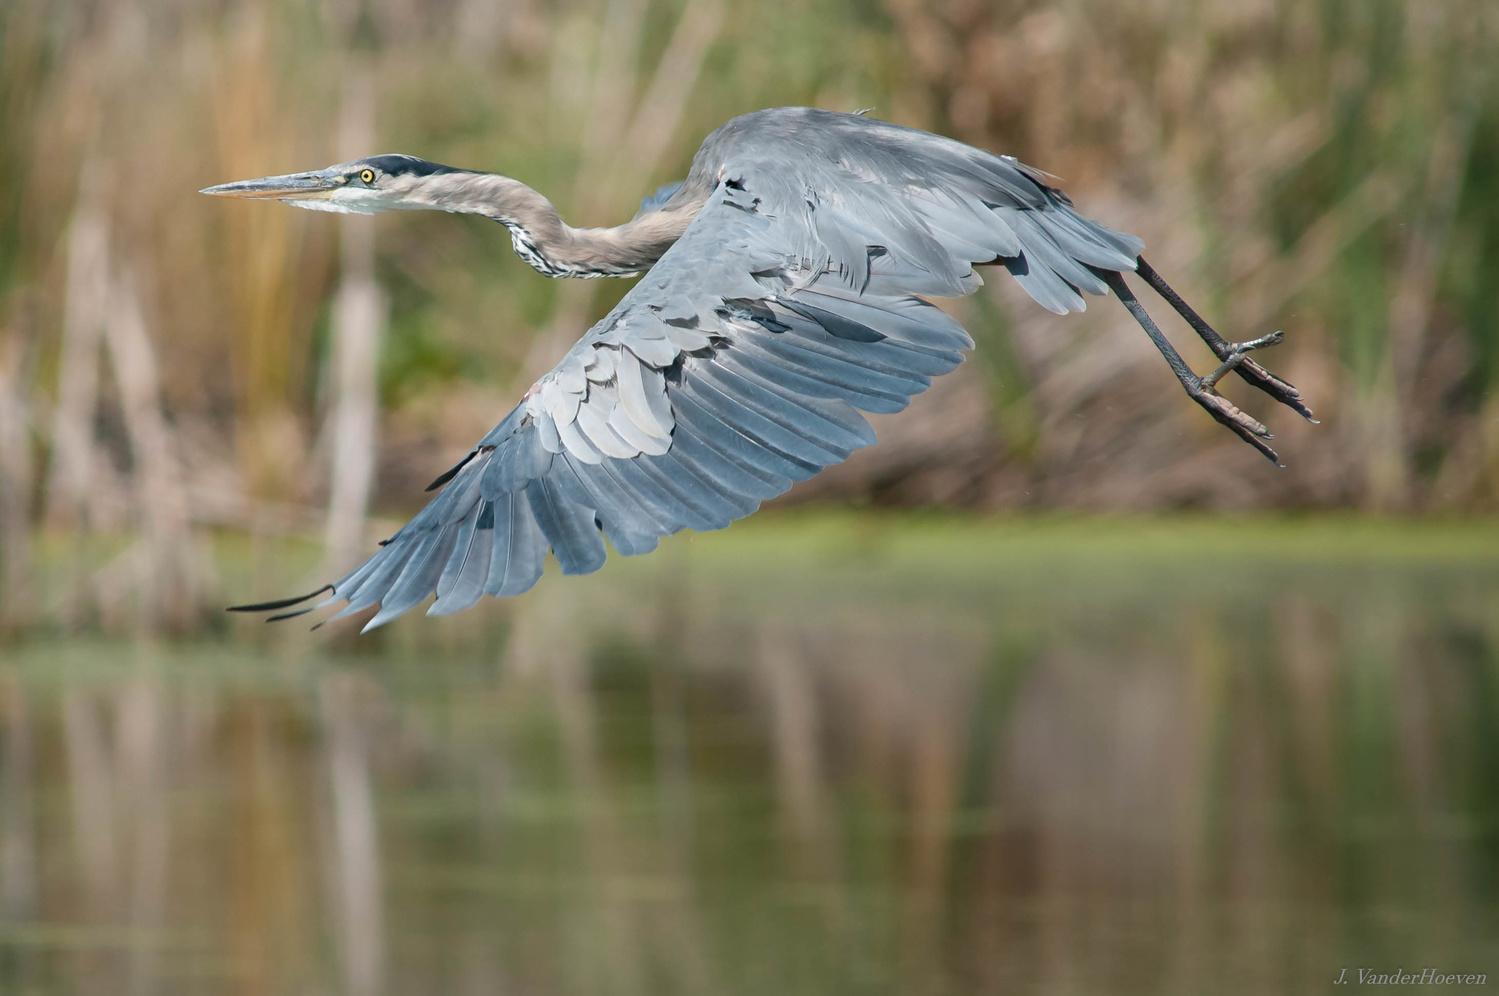 Skimming the Reeds by Jake VanderHoeven